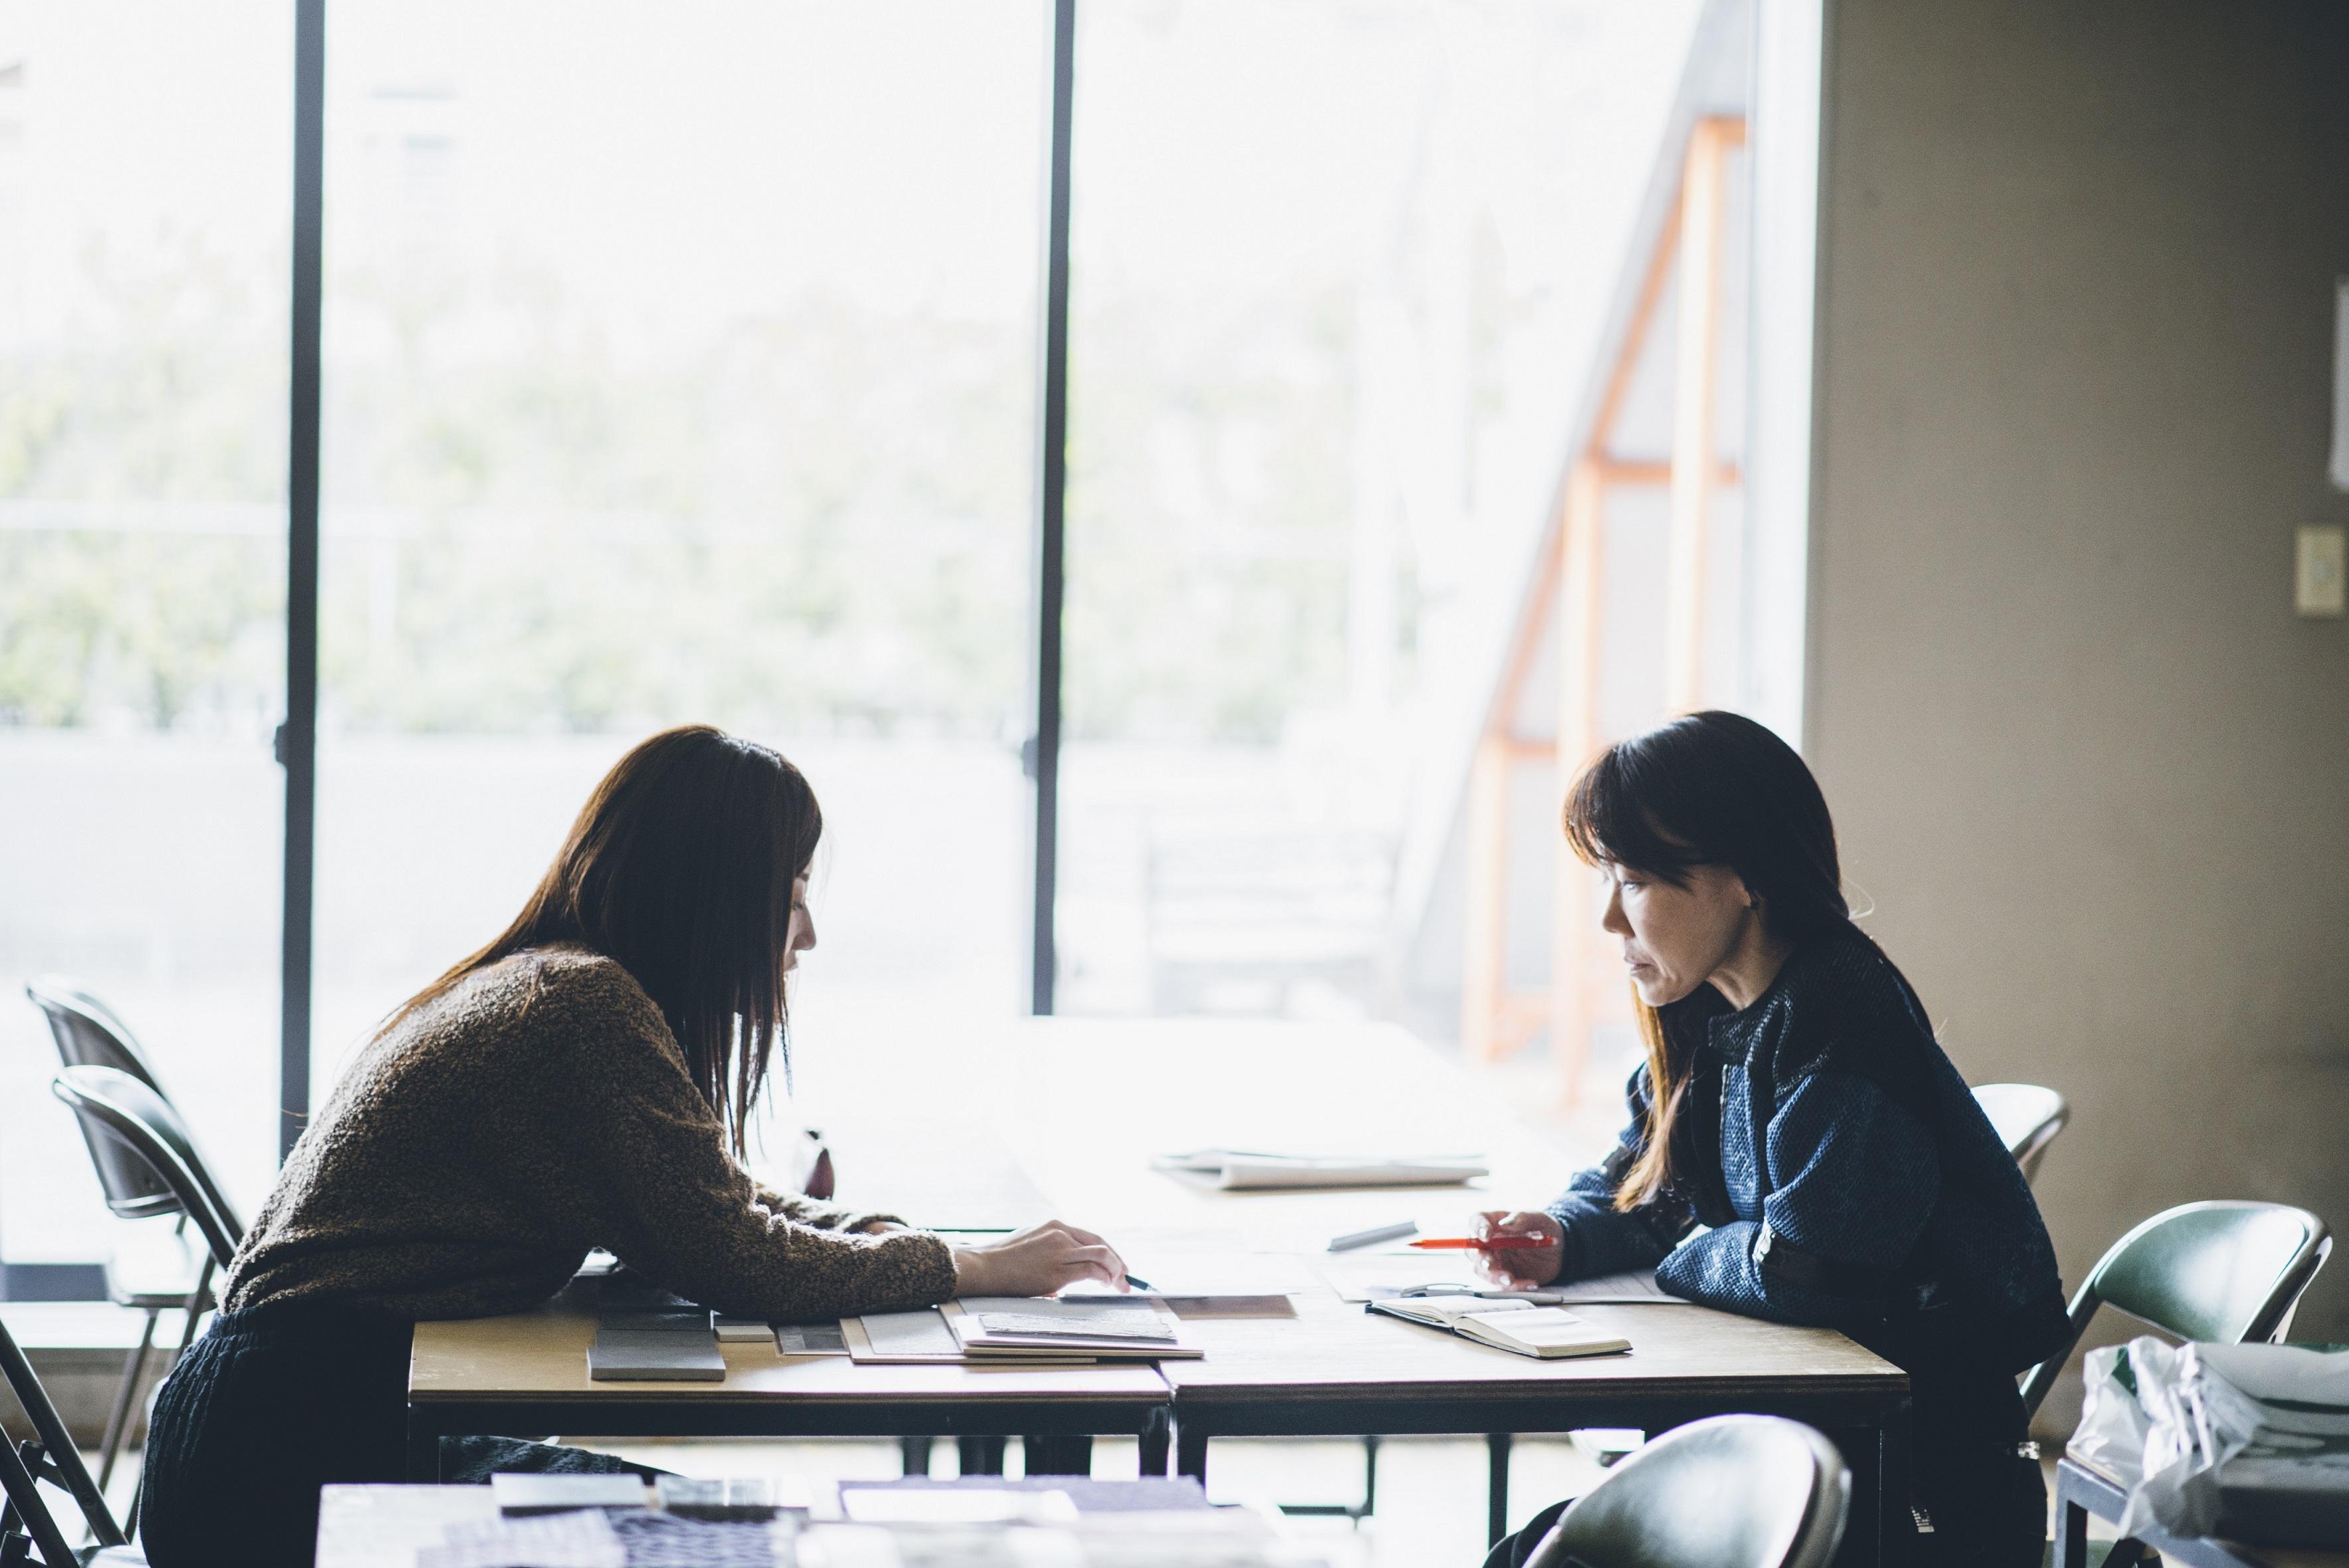 インテリア空間を読み解く!『デザイン脳の作り方講座』1月26日(金)、3月17日(土)開催!